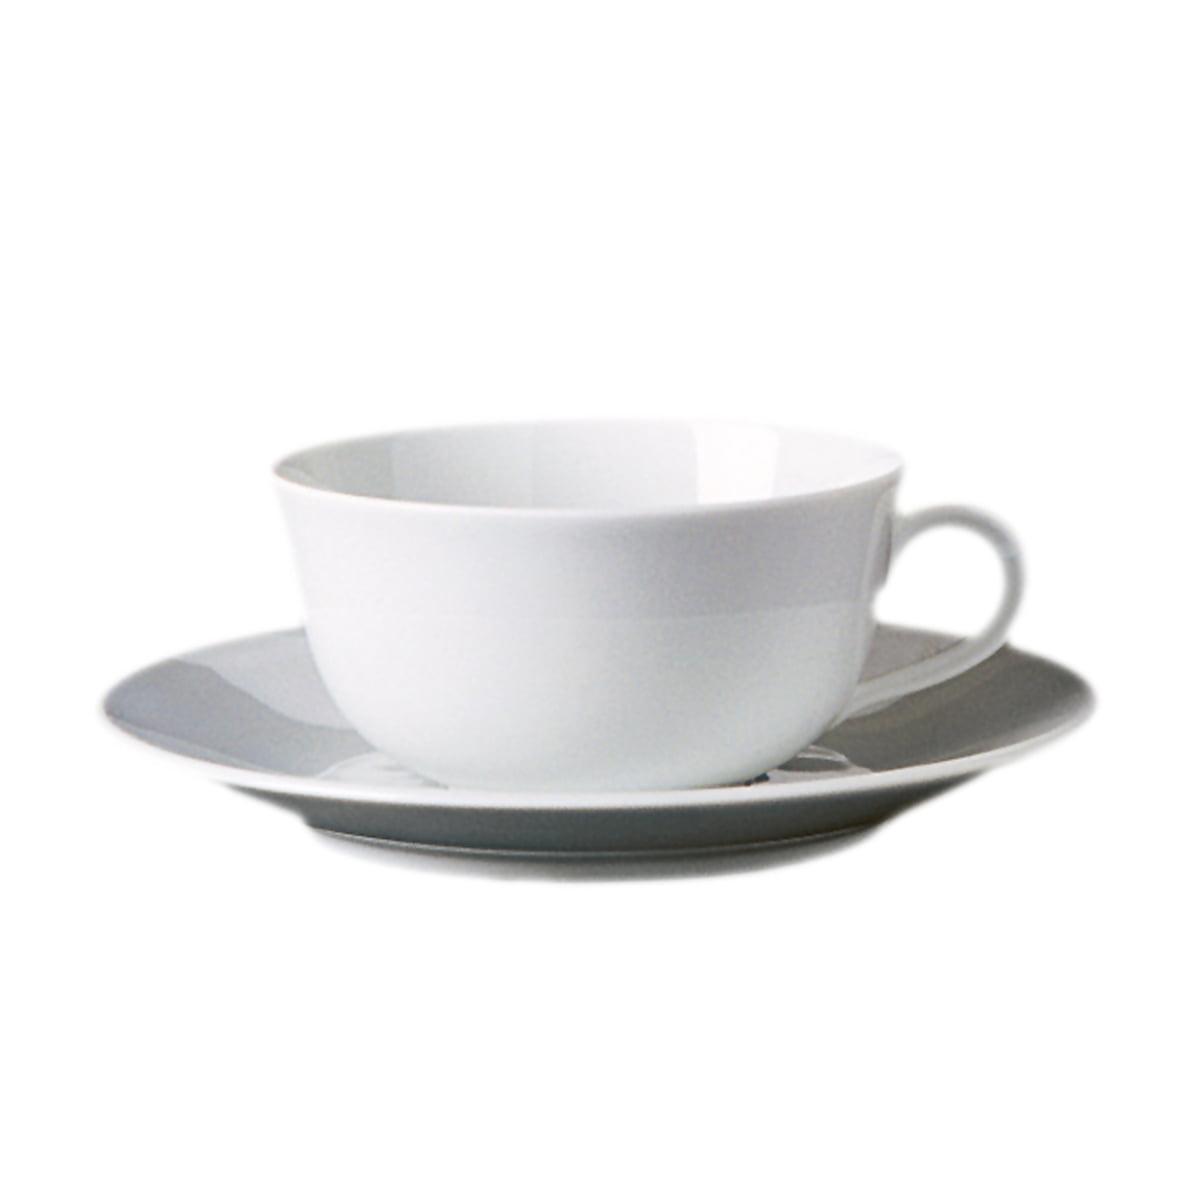 Wagenfeld - Teetasse 2-tlg., weiß